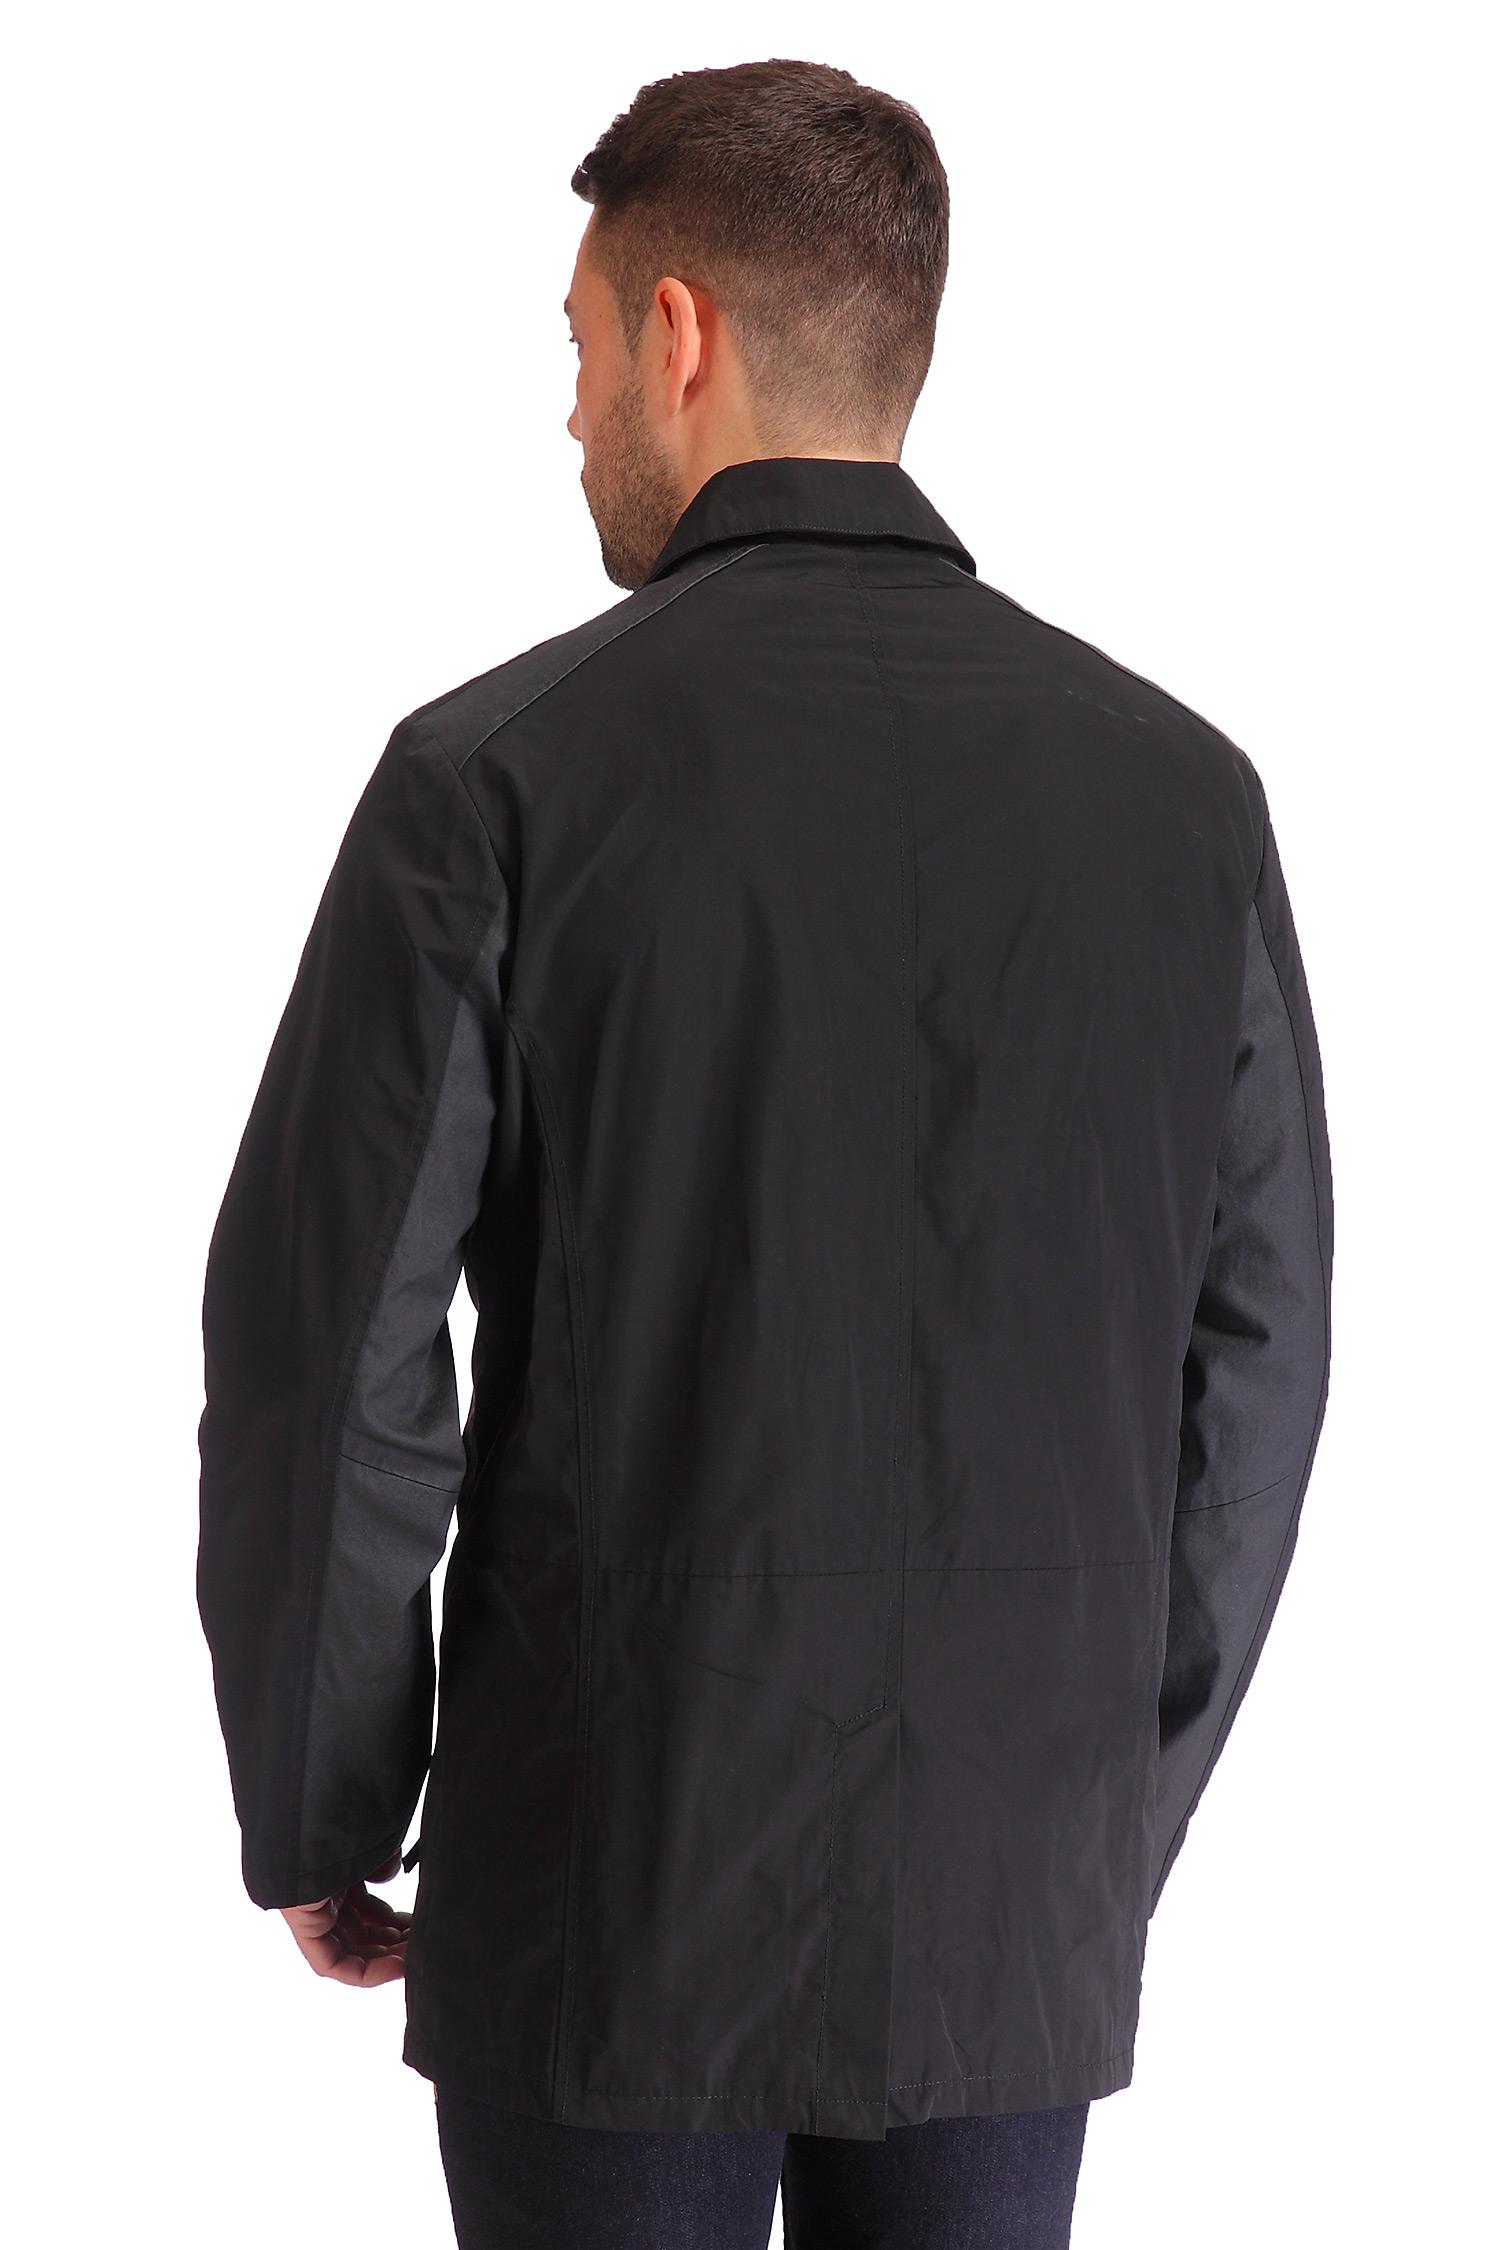 Фото 4 - Мужская куртка из текстиля с воротником, отделка искусственная кожа от МОСМЕХА черного цвета